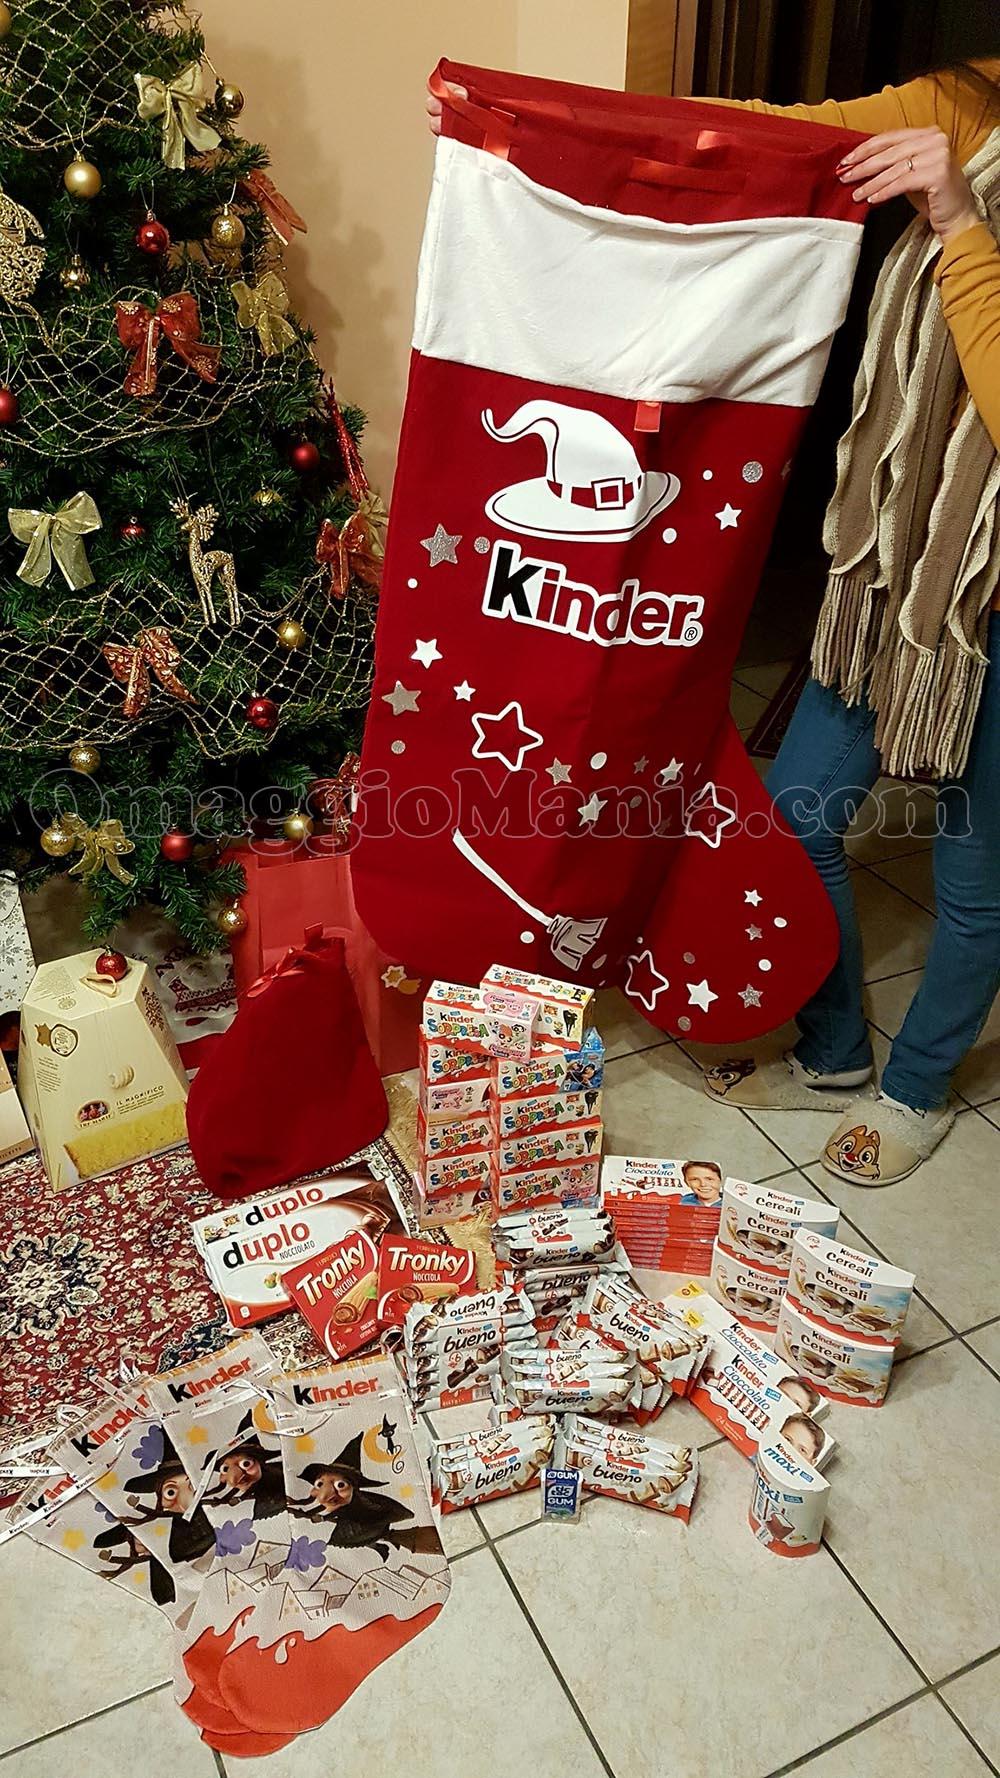 ultimo di vendita caldo ufficiale più votato scegli ufficiale Calza gigante Kinder vinta gratis - OmaggioMania